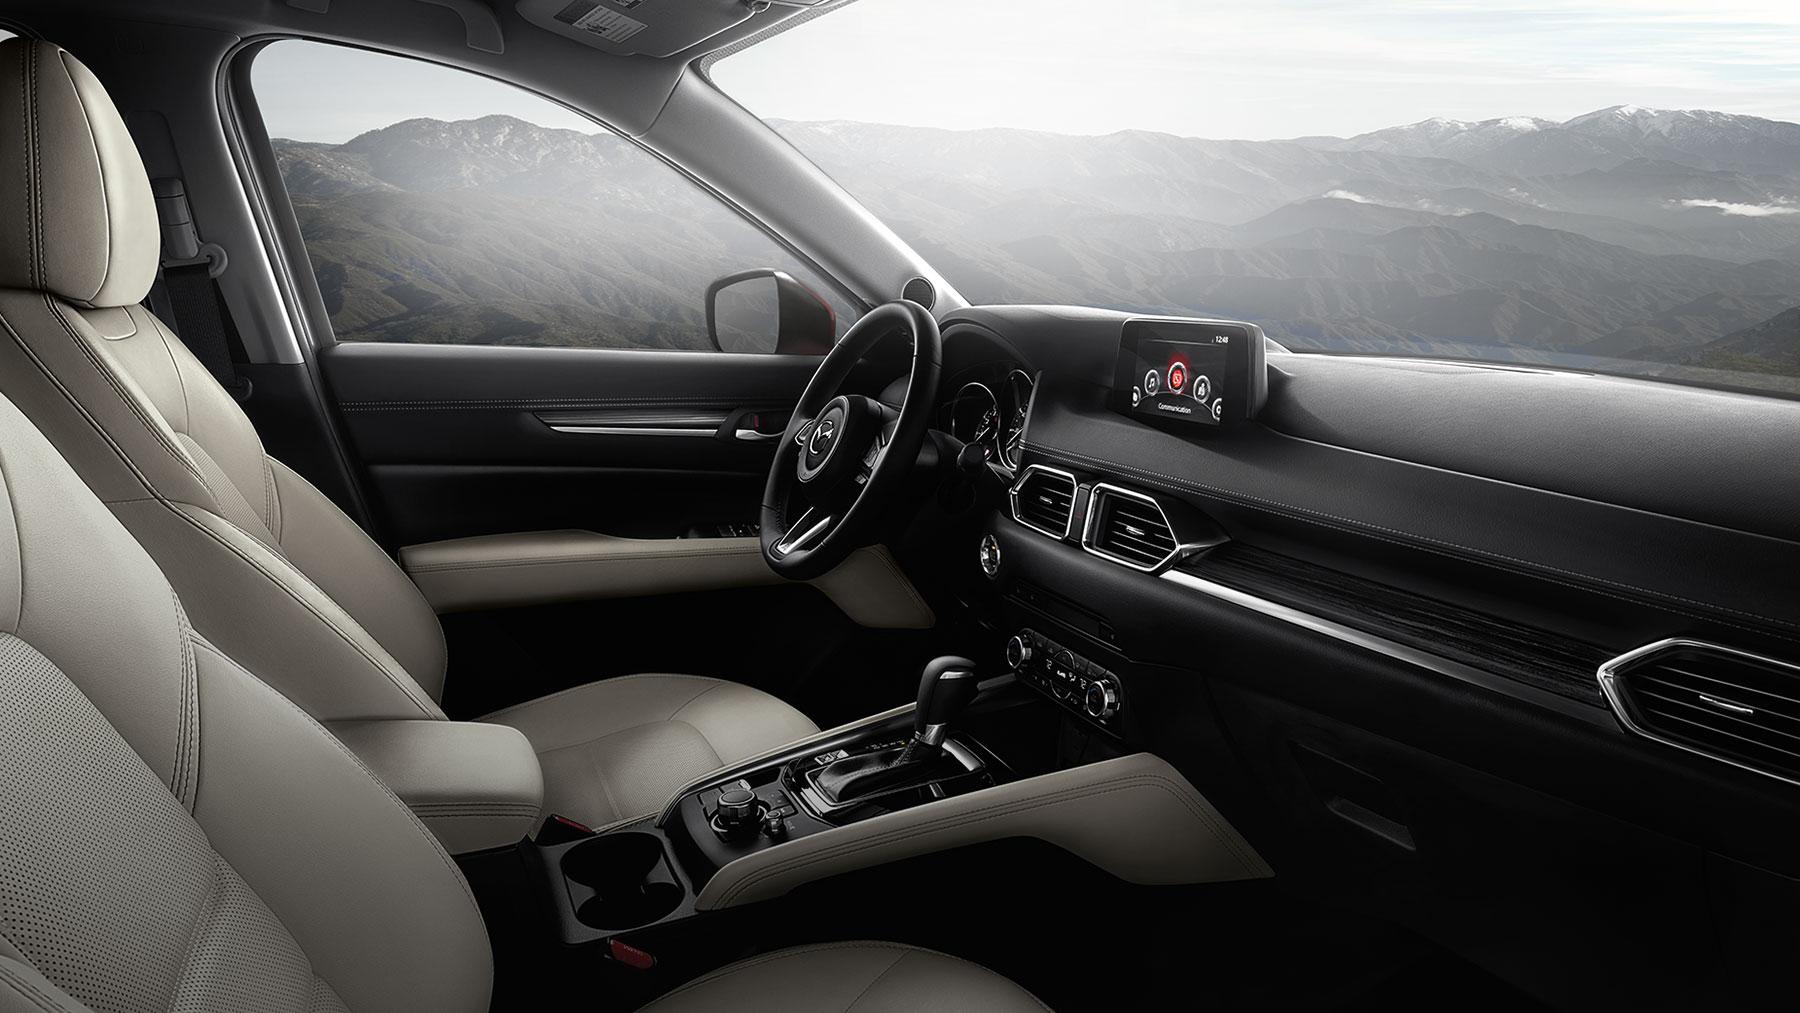 2017 Mazda Cx 5 Crossover Suv Fuel Efficient Suv Mazda Usa